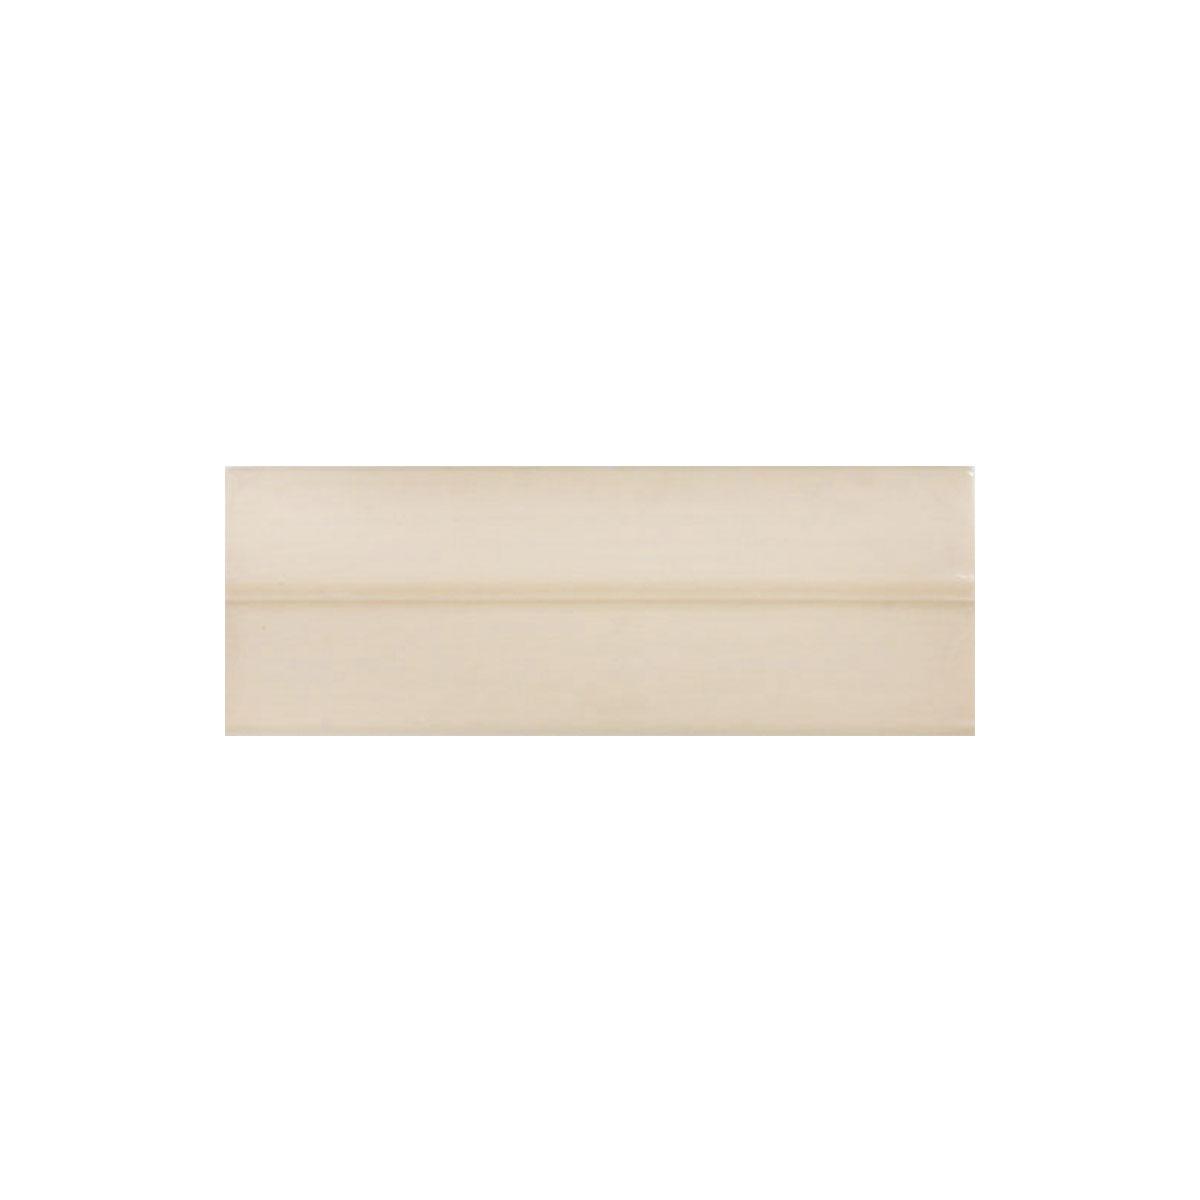 Полимерная глина Артефакт, классическая, цвет: телесный, 250 г полимерная глина artifact 7109 78 9 цветов